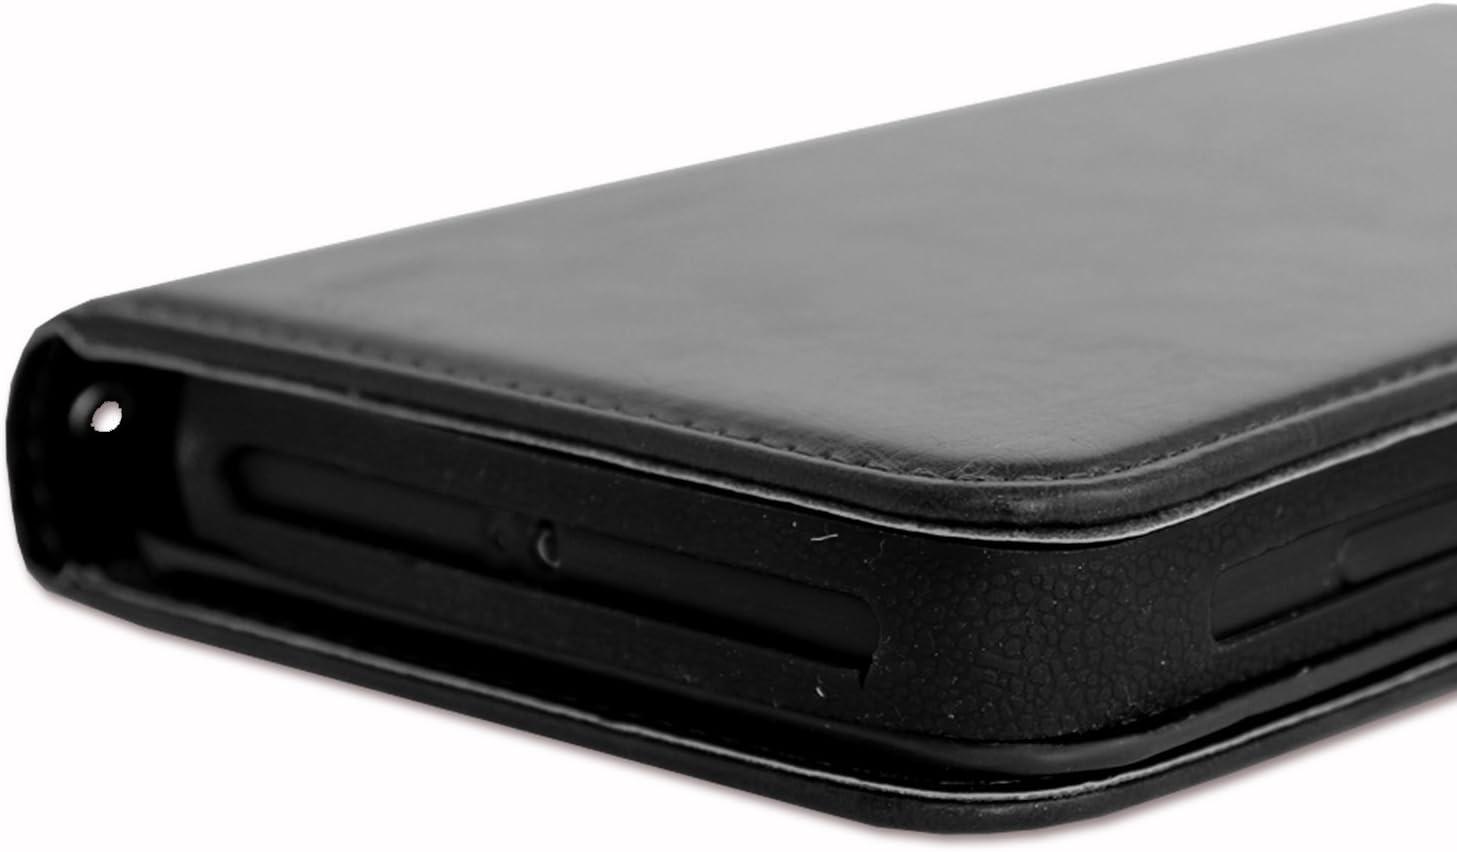 fermeture magn/étique et surpiqures apparentes PH26/® Etui housse folio pour Logicom M Bot 60 format portefeuille en /éco-cuir noir avec double clapet int/érieur porte cartes